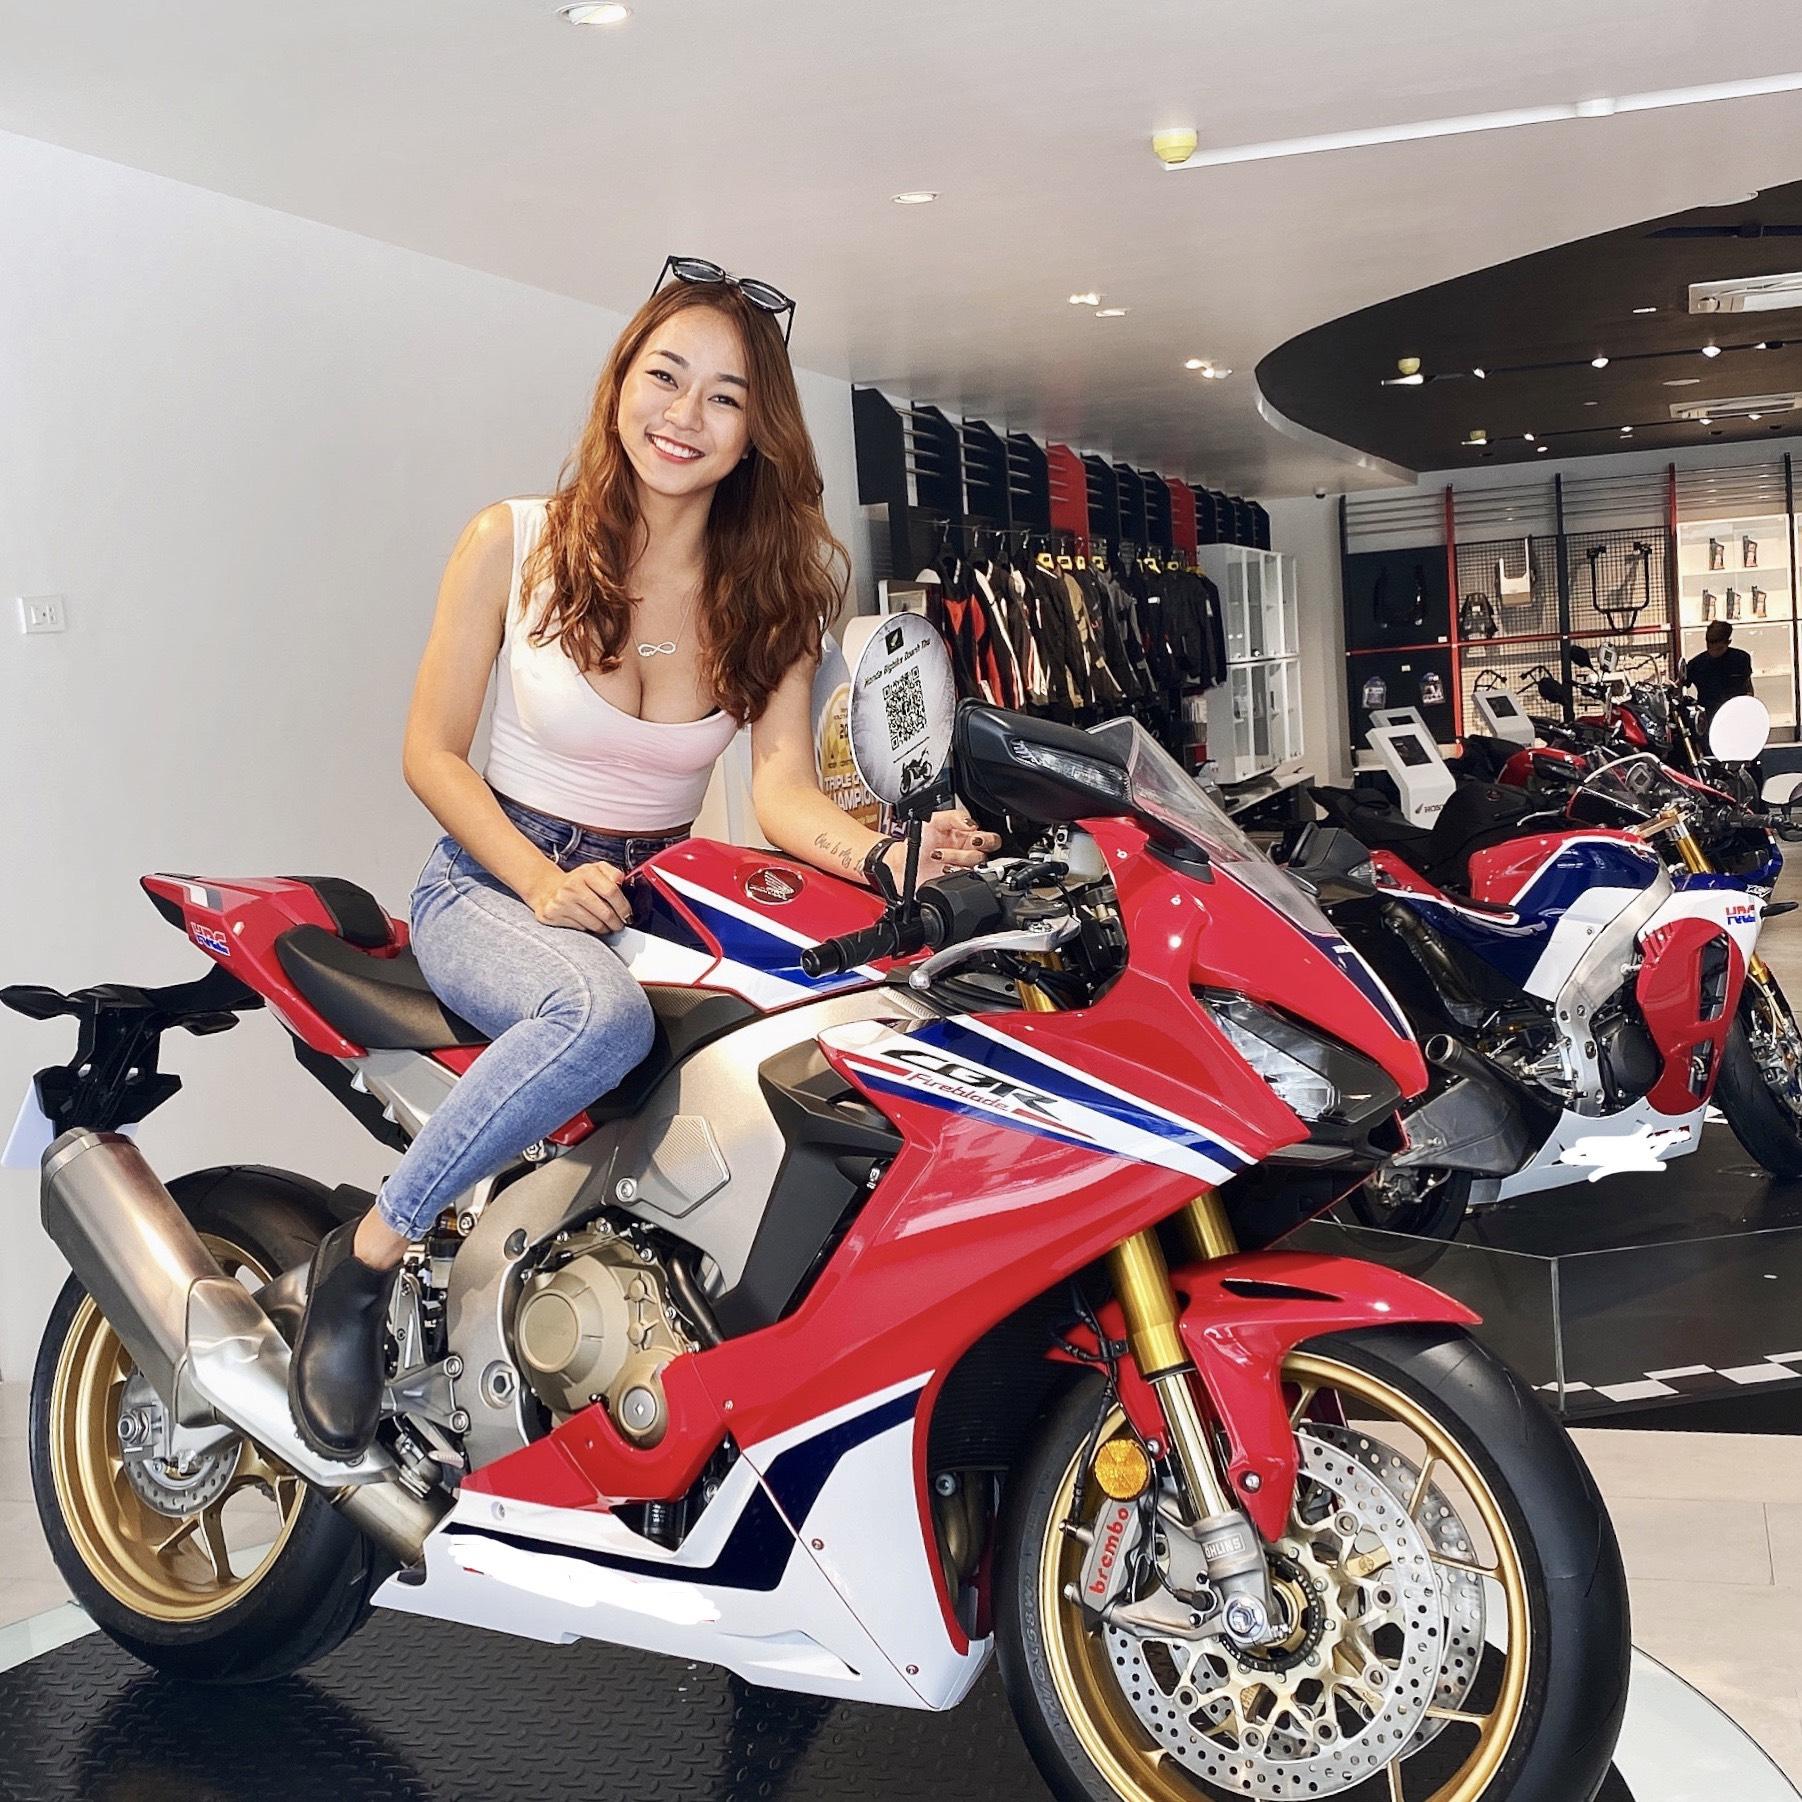 Nữ biker Diễm Trần xinh đẹp hớp hồn cánh mày râu, lại đa tài hiếm có - Ảnh 9.